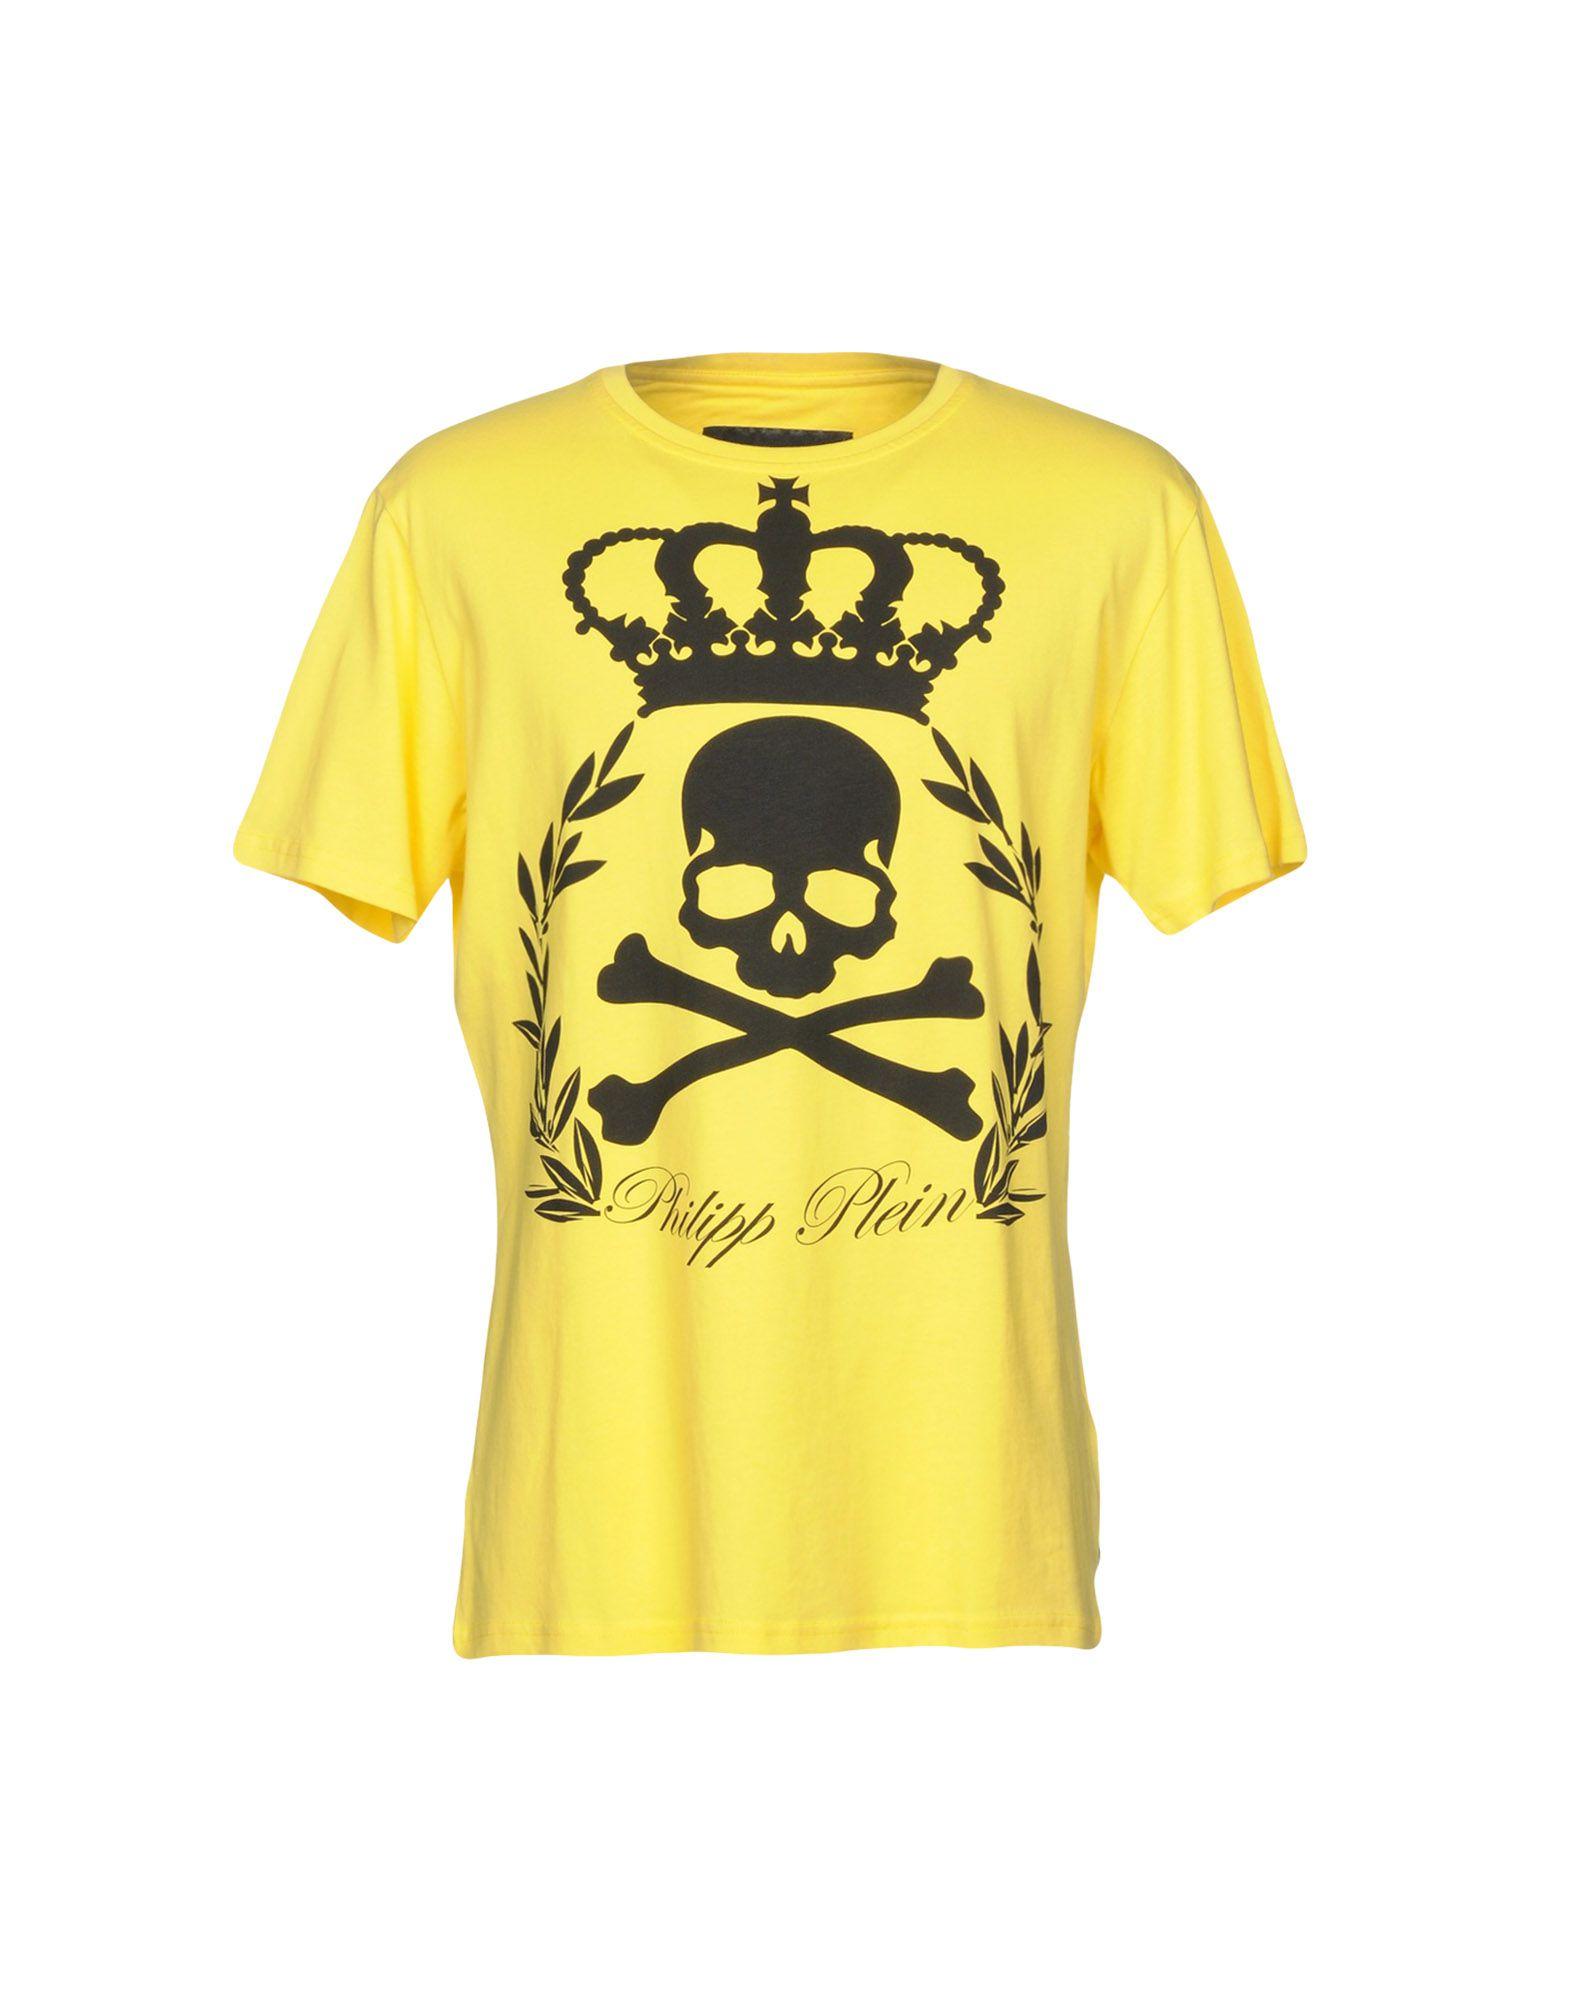 T-Shirt Philipp Plein Uomo - 12043305HE 12043305HE - dd855c